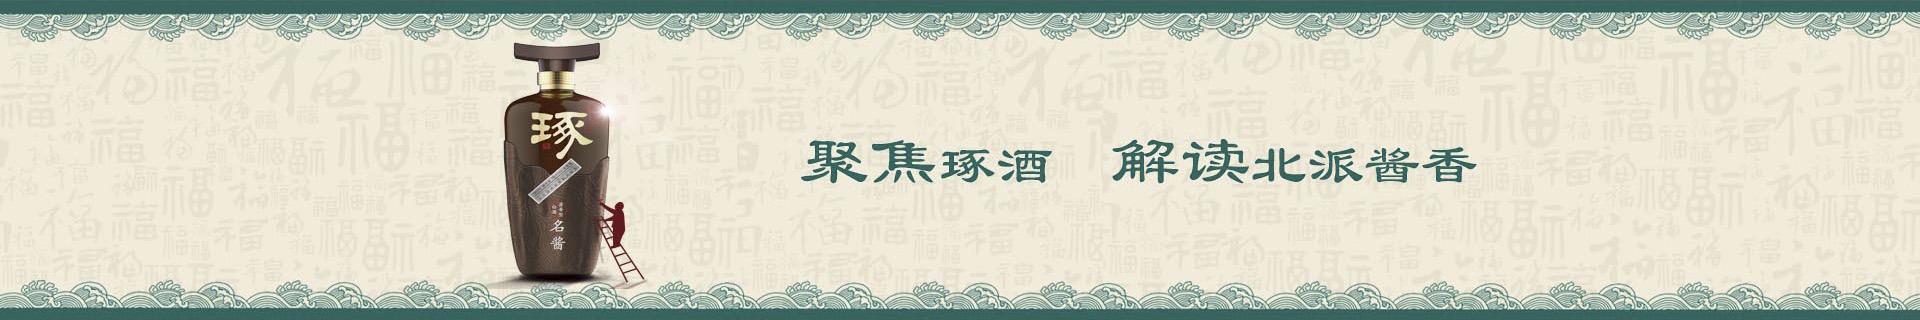 聚焦乐虎体育直播官网下载,解读北派酱香